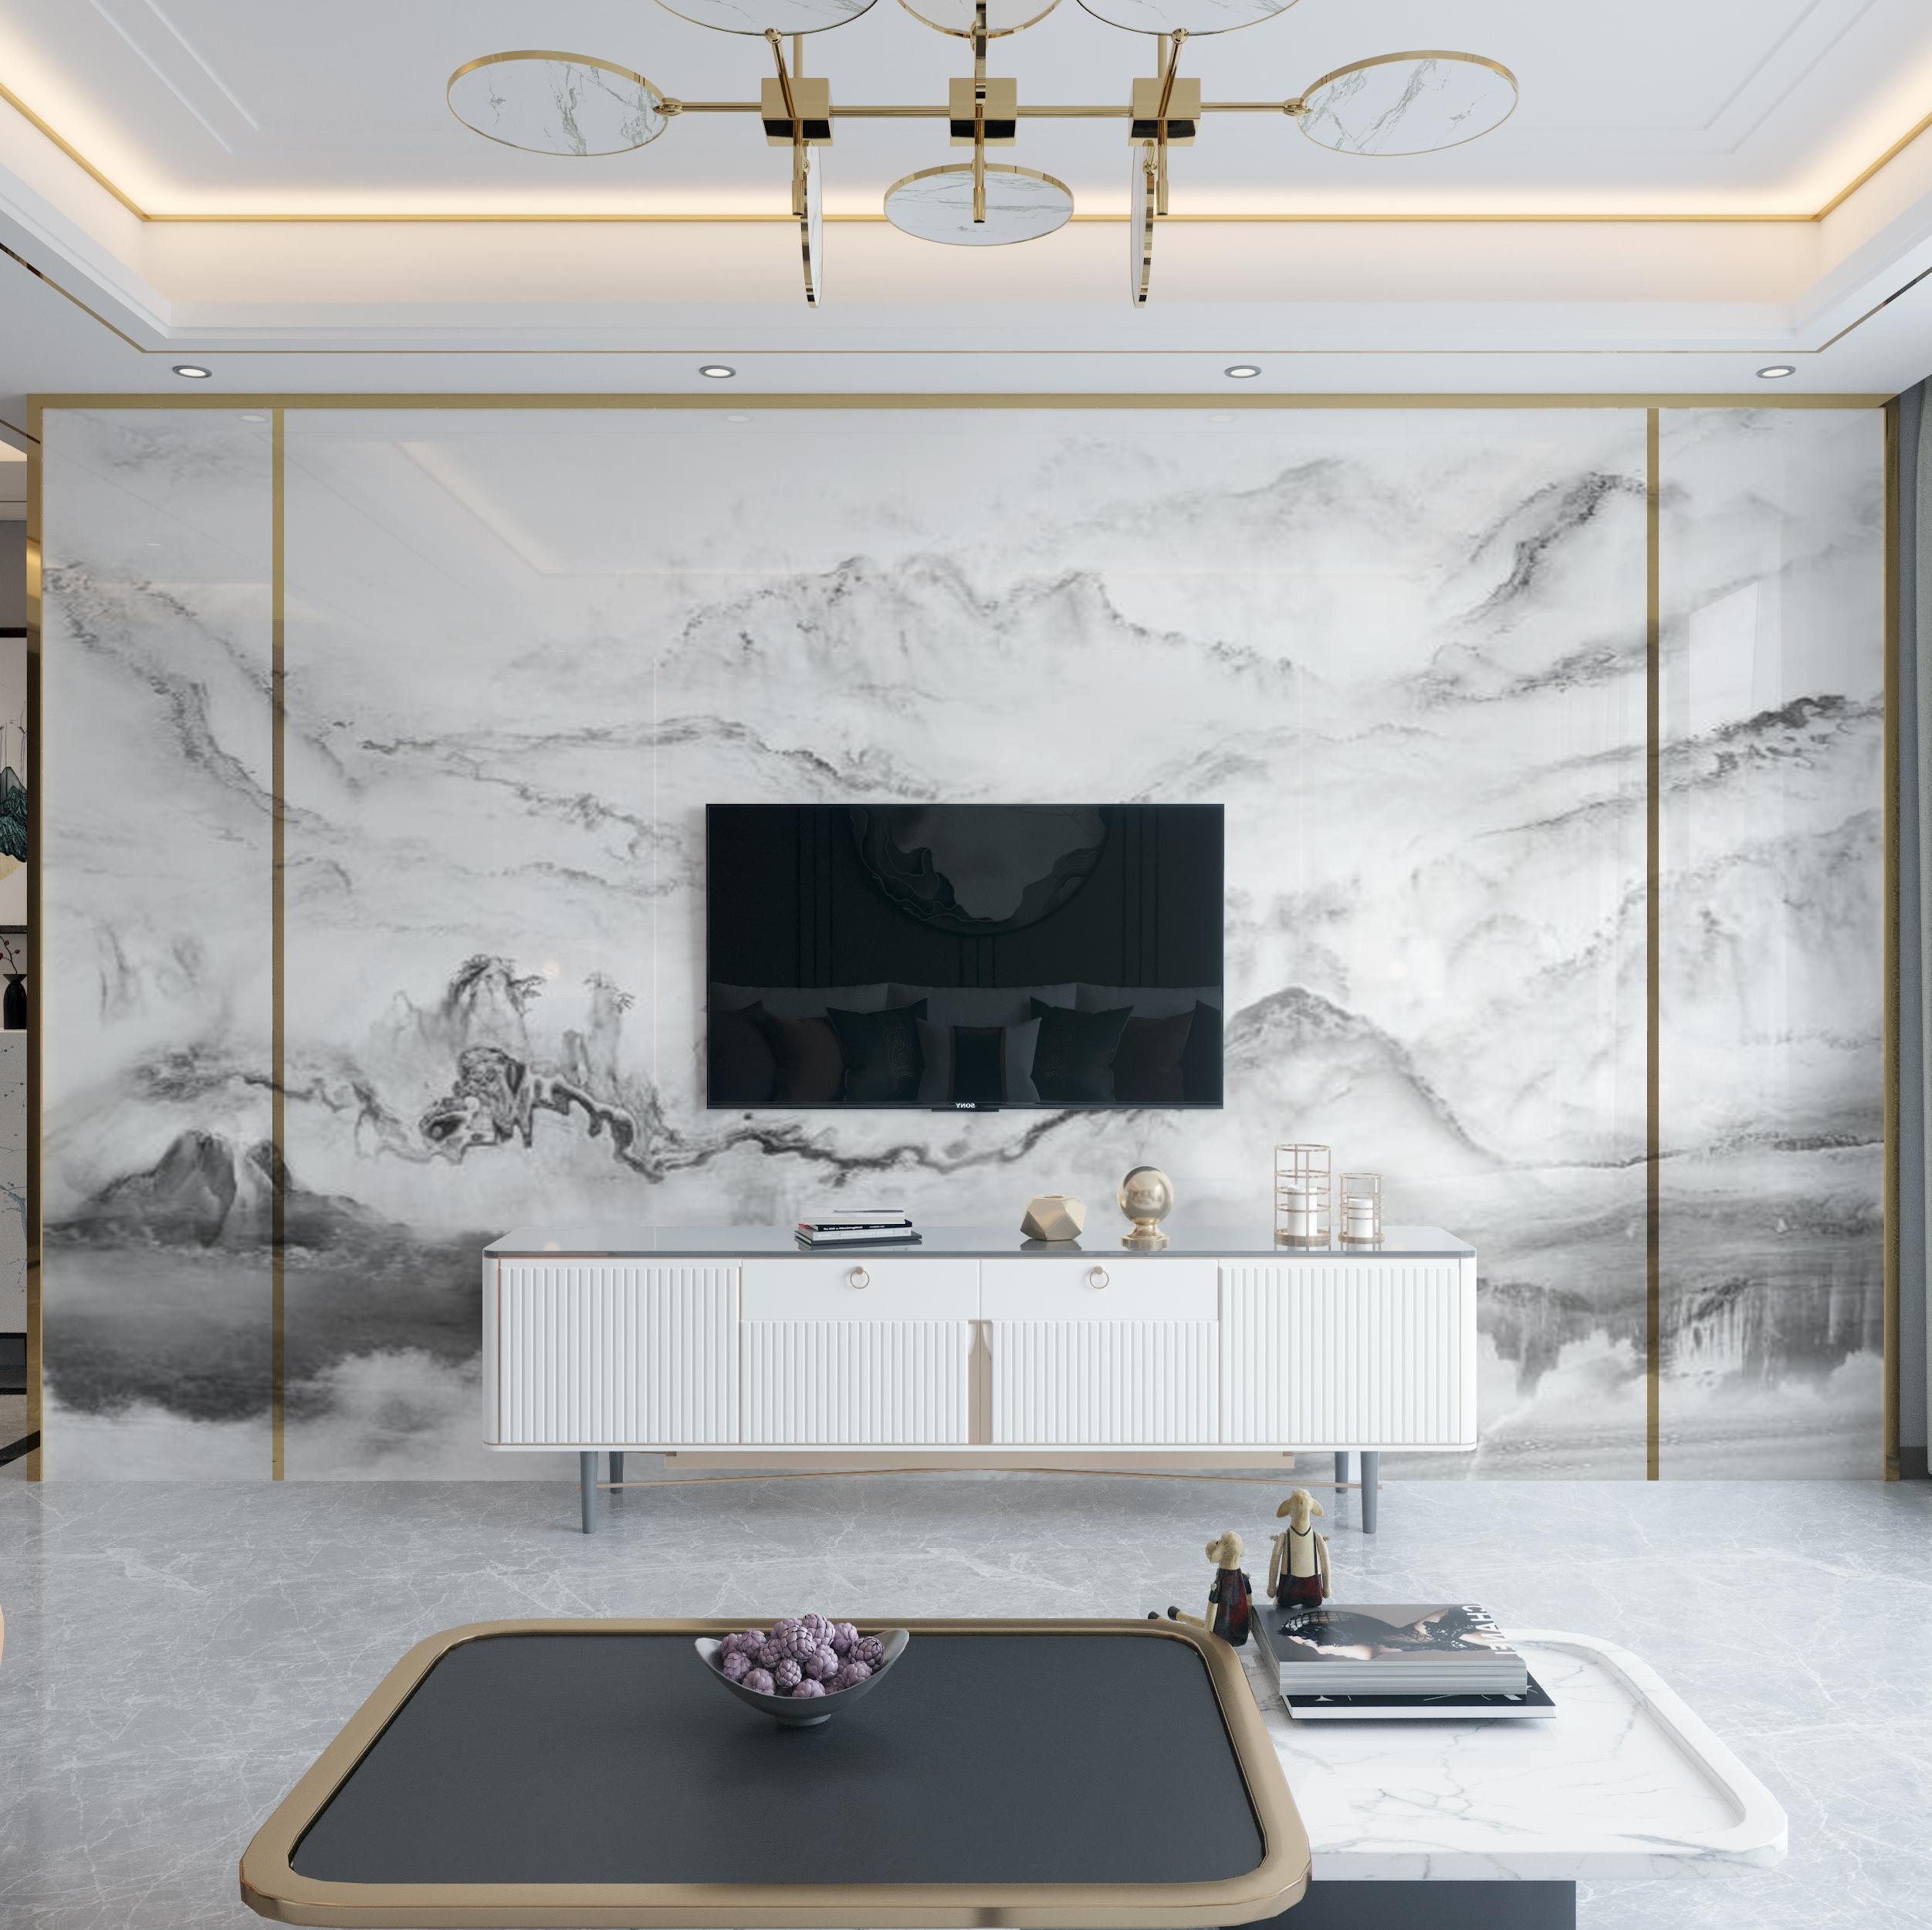 2021テレビの背景壁に客間のタイルを飾る山水画テレビの壁の微結晶石の大理石の外枠の映画とテレビの壁